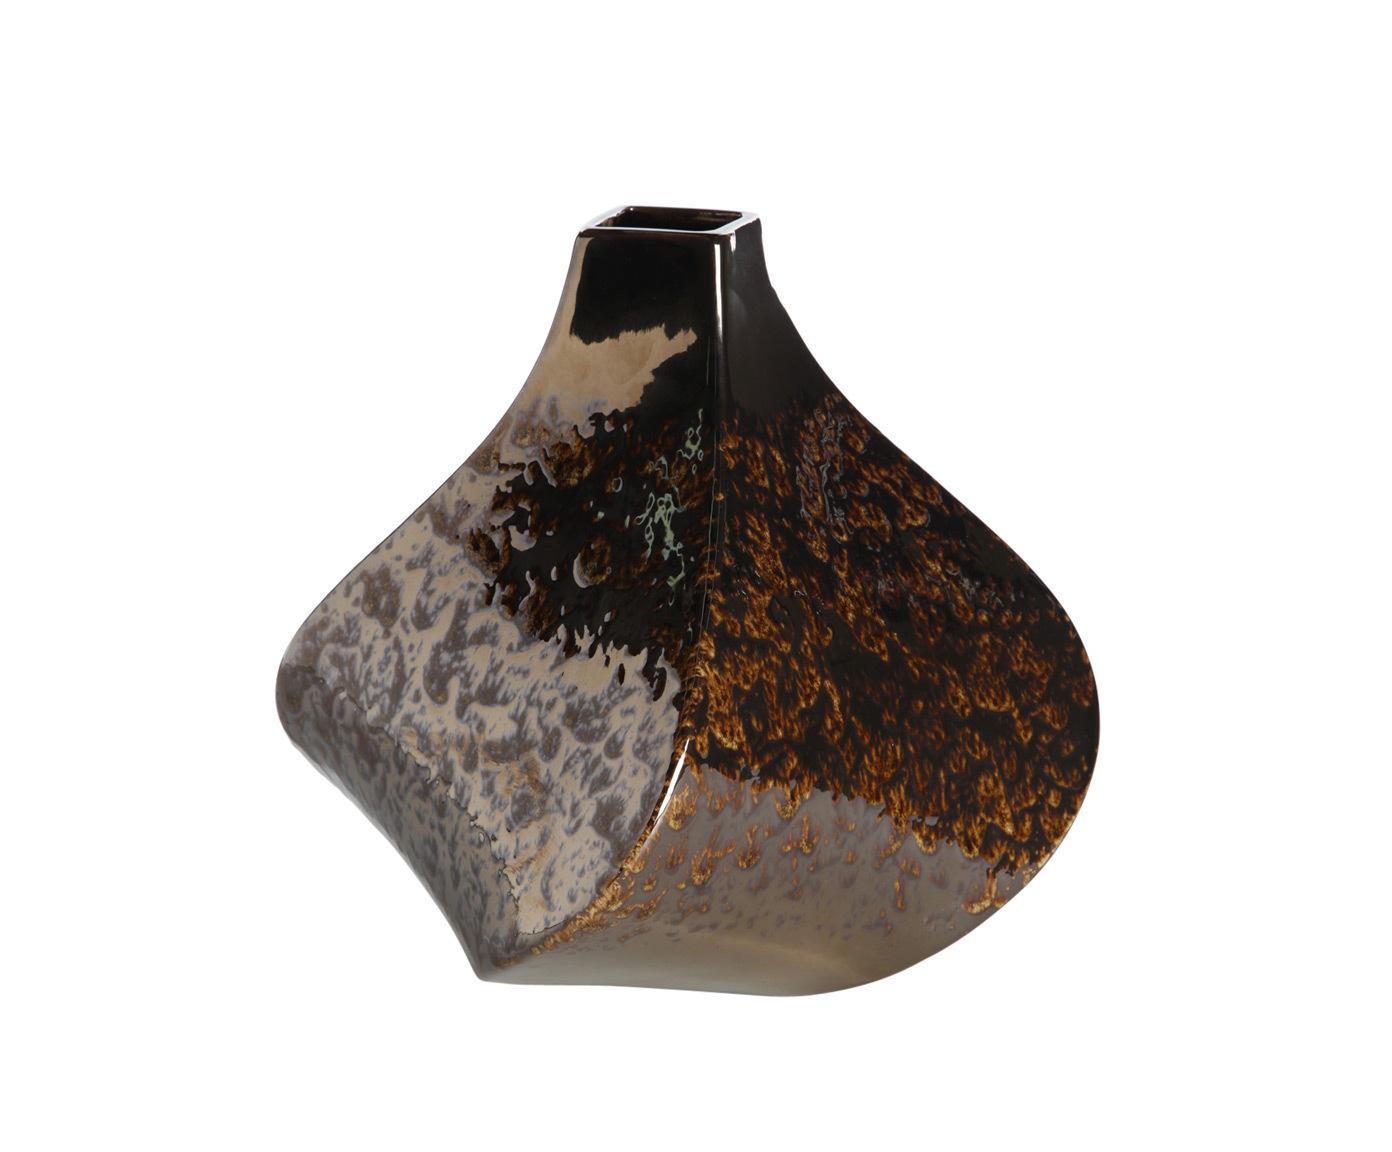 Вазы настольные Элитная ваза декоративная Gold большая от Sporvil vaza-dekorativnaya-bolshaya-gold-ot-sporvil-iz-portugalii.jpg